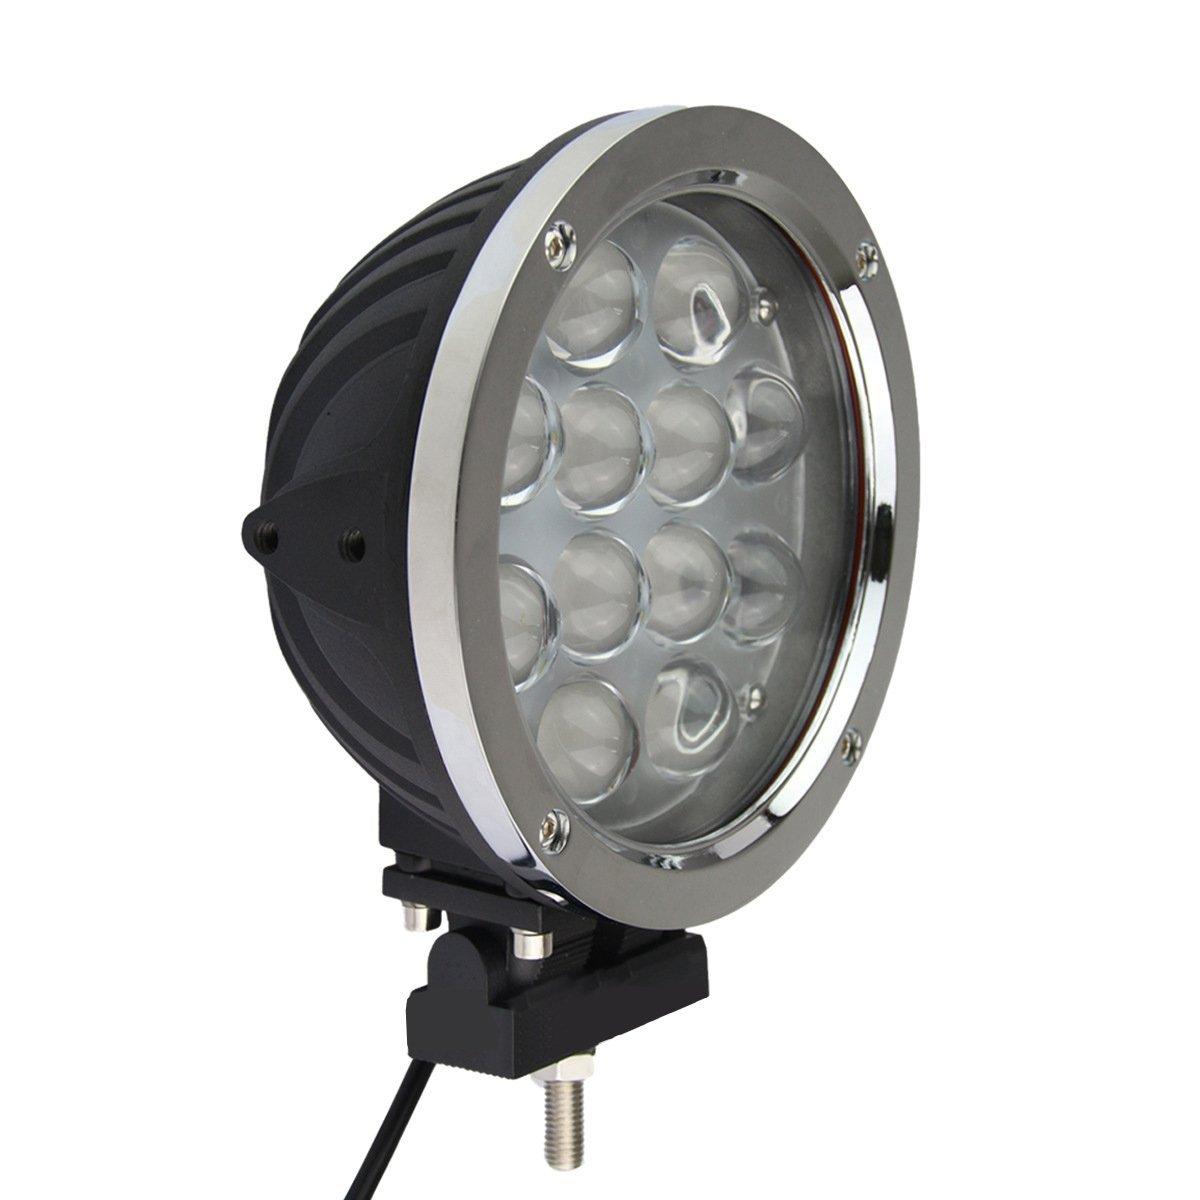 Luoov Universal hinzufügen auf 17,8 cm 60 W LED Spot Licht Bar für Auto Scheinwerfer Nebel Licht Off Road Jagd Out Tür-Set